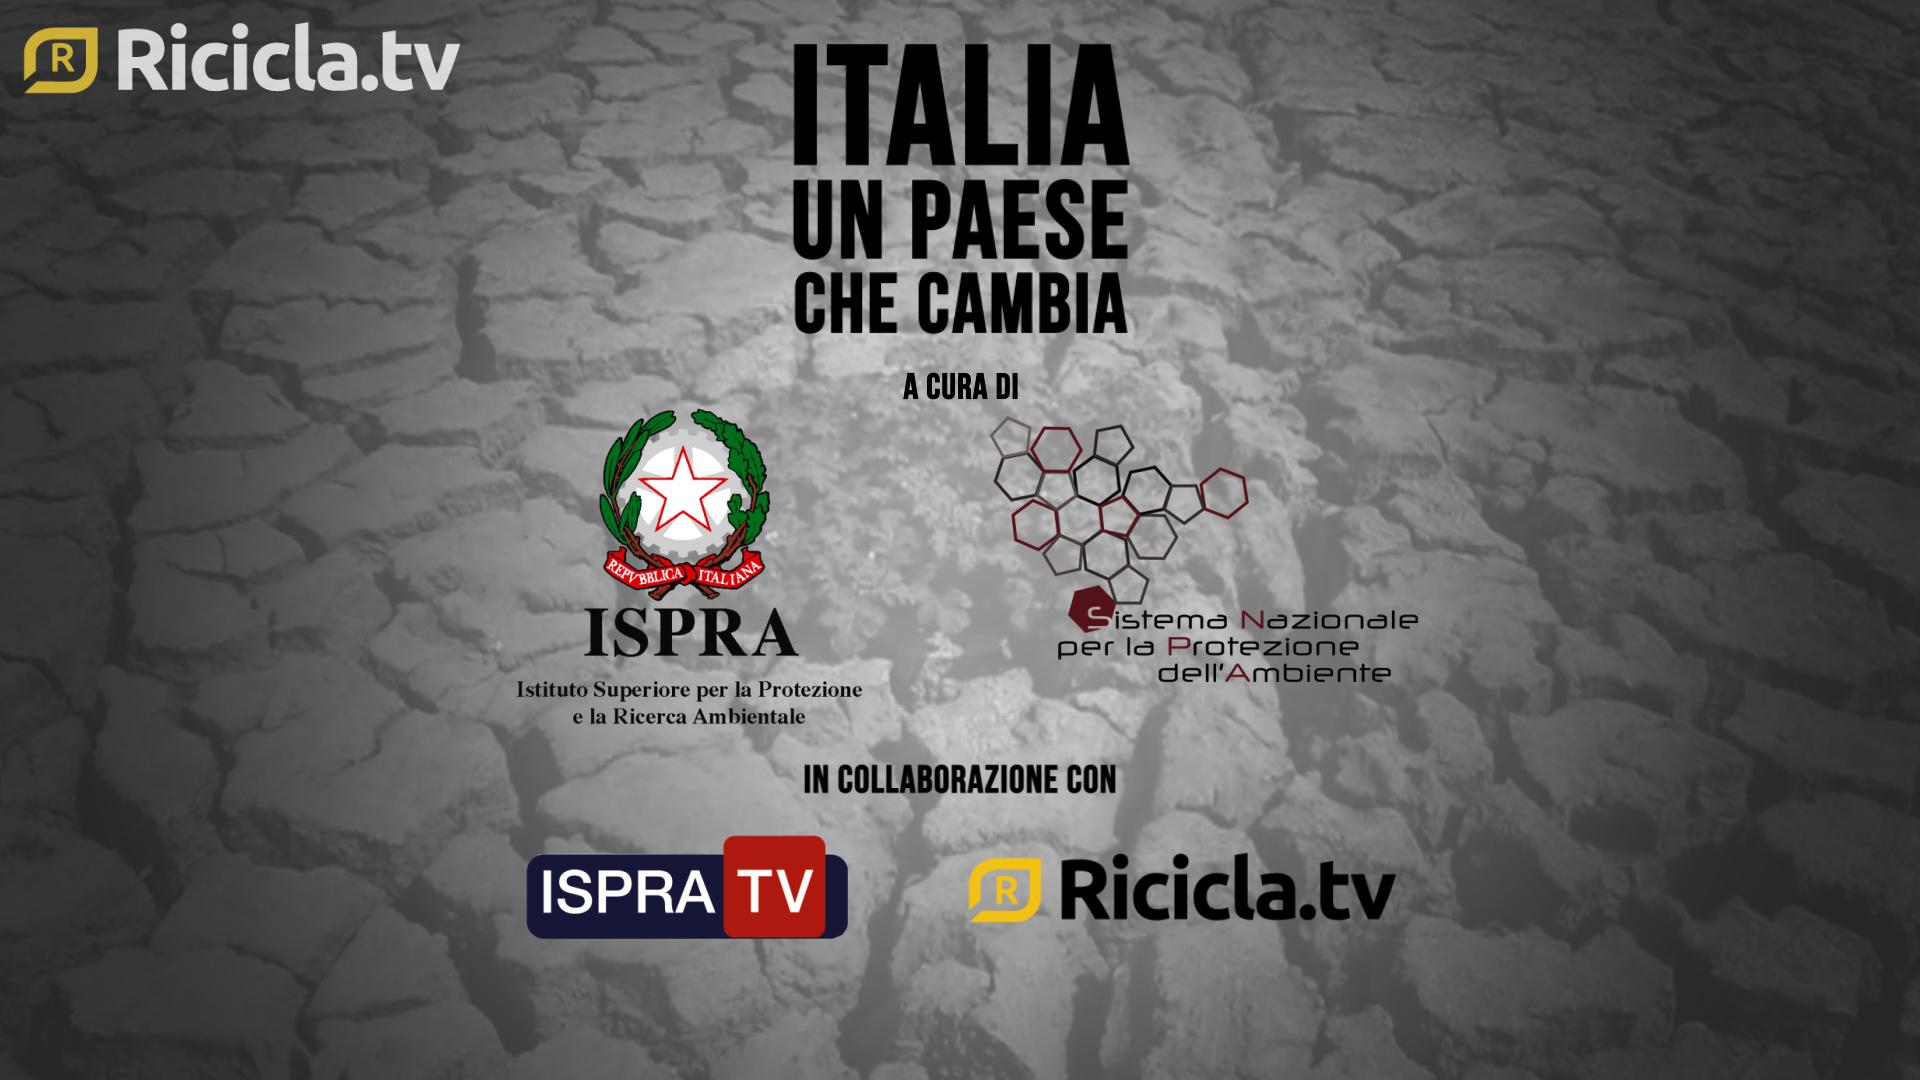 ITALIA, UN PAESE CHE CAMBIA: UN ANNO DI DATI AMBIENTALI